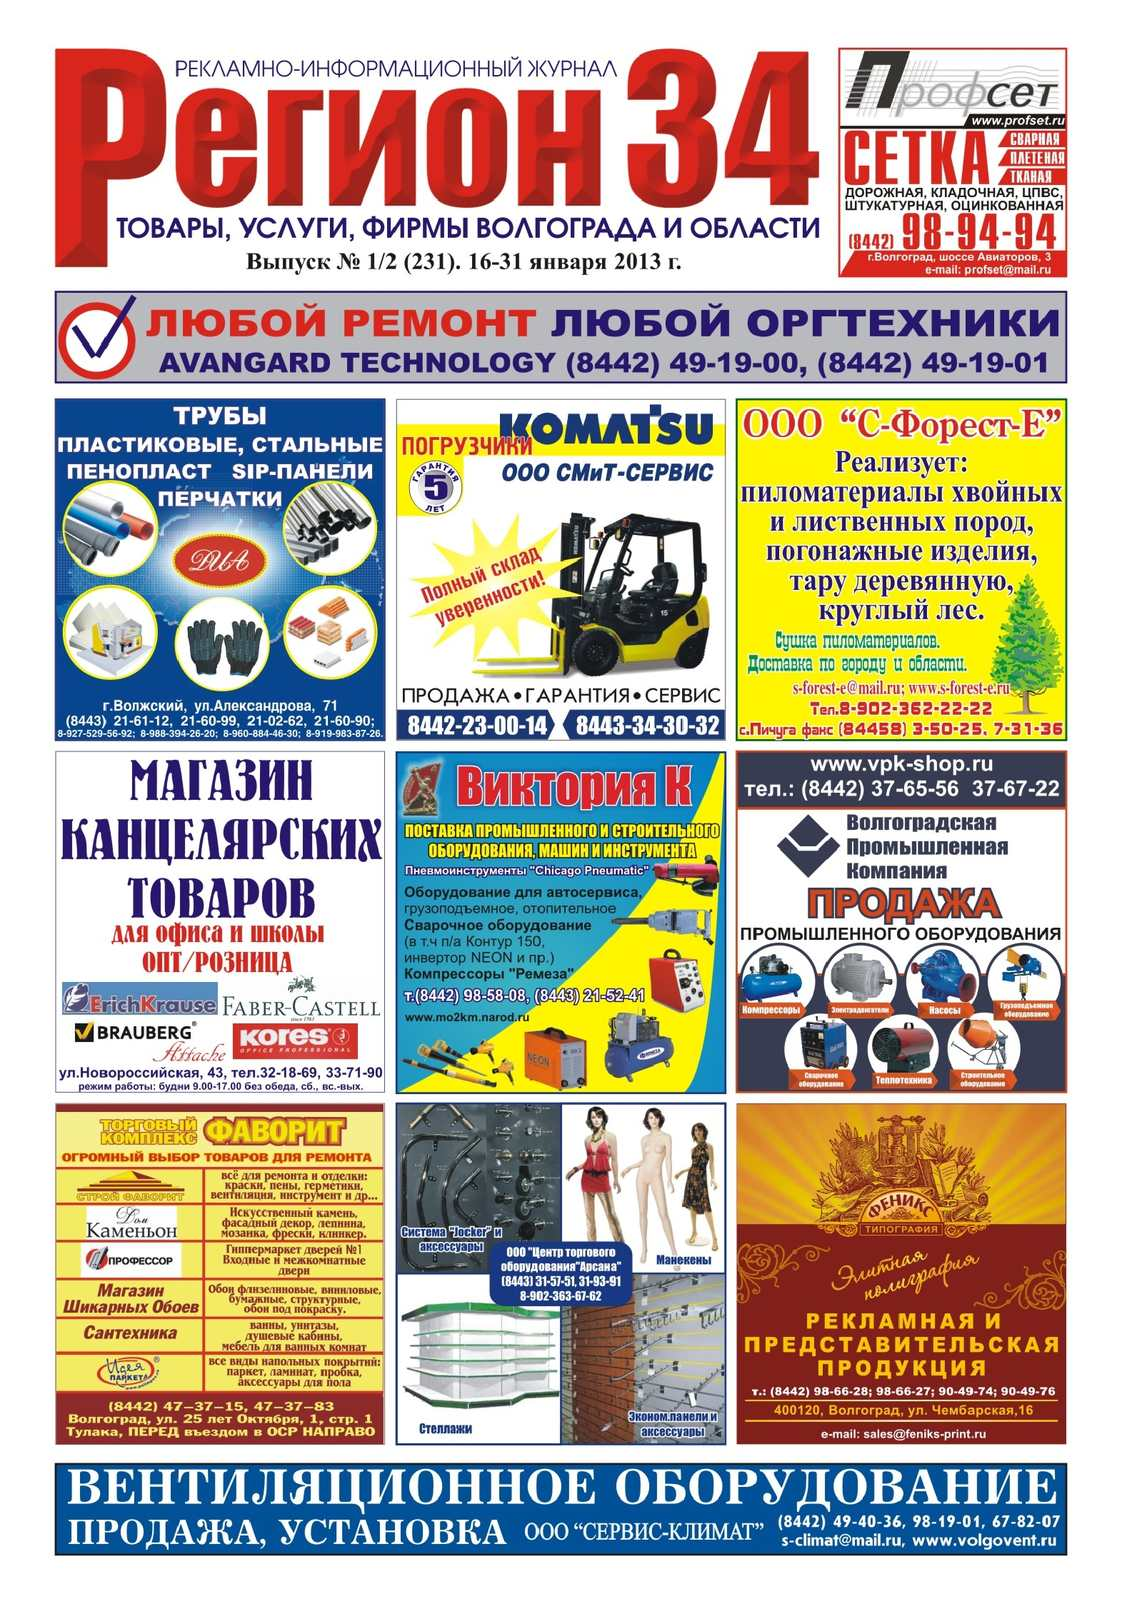 Фраксель Улица Серафимовича Чебоксары лазерная эпиляция области бикини